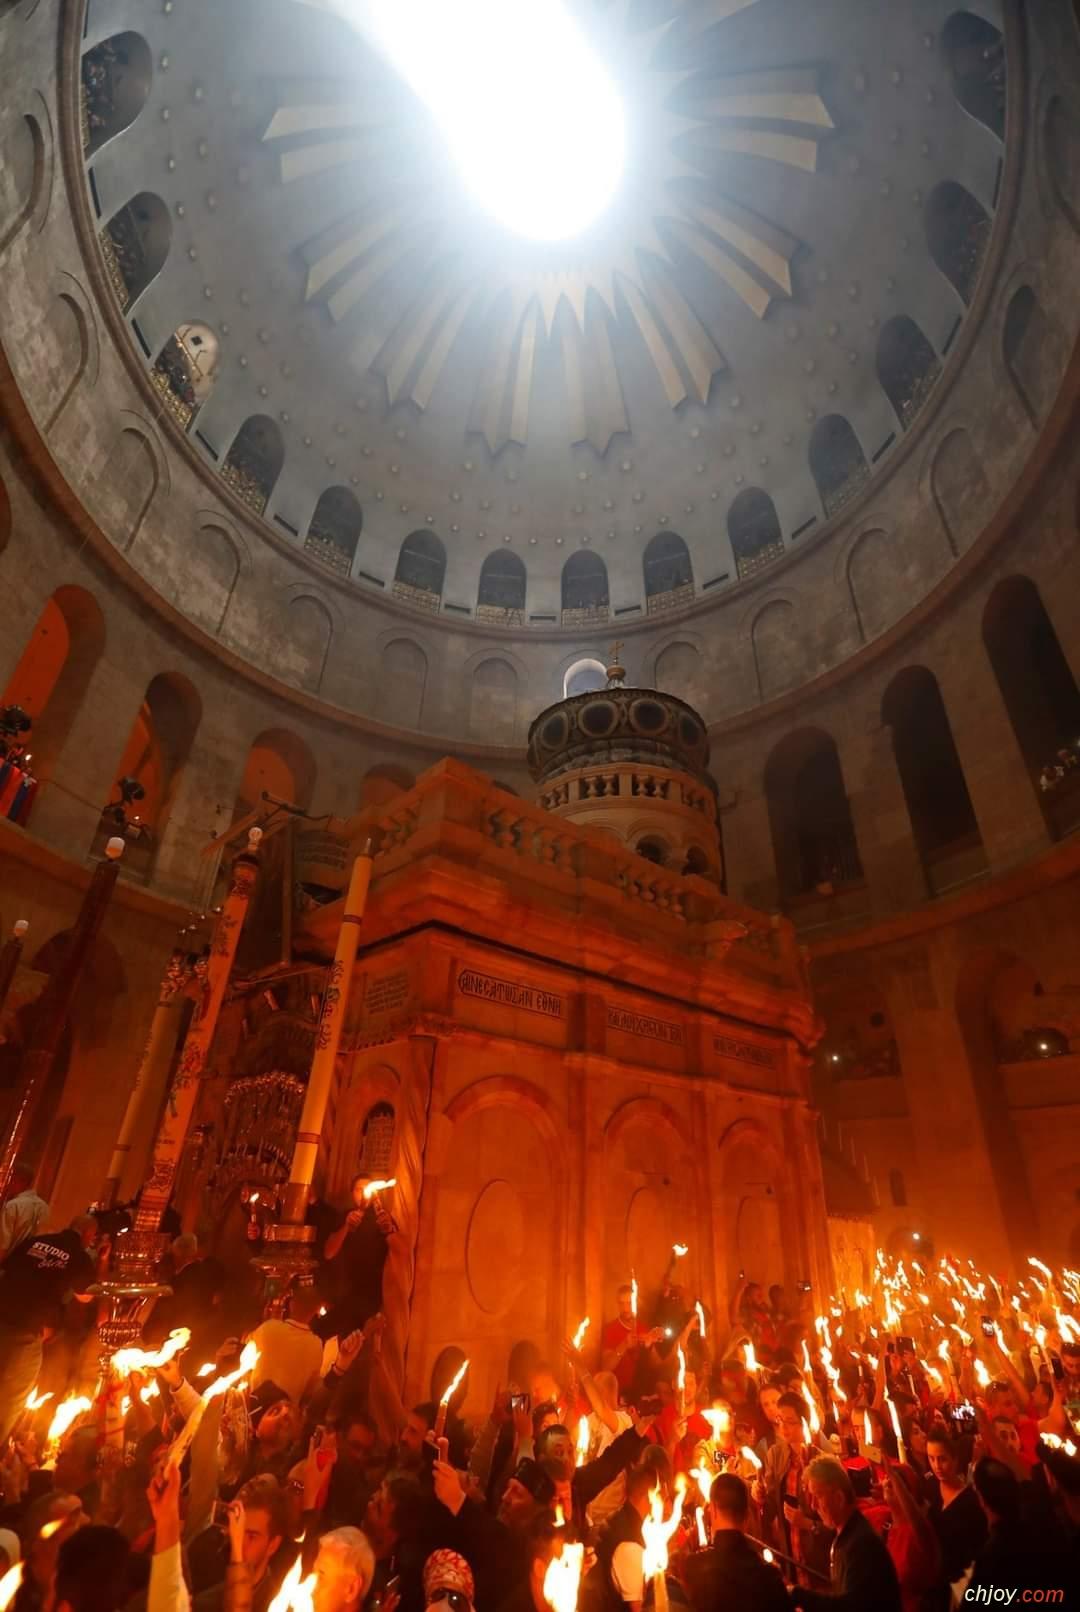 الرد على الذين يشكون في معجزة خروج النور من قبر المسيح يوم سبت النور